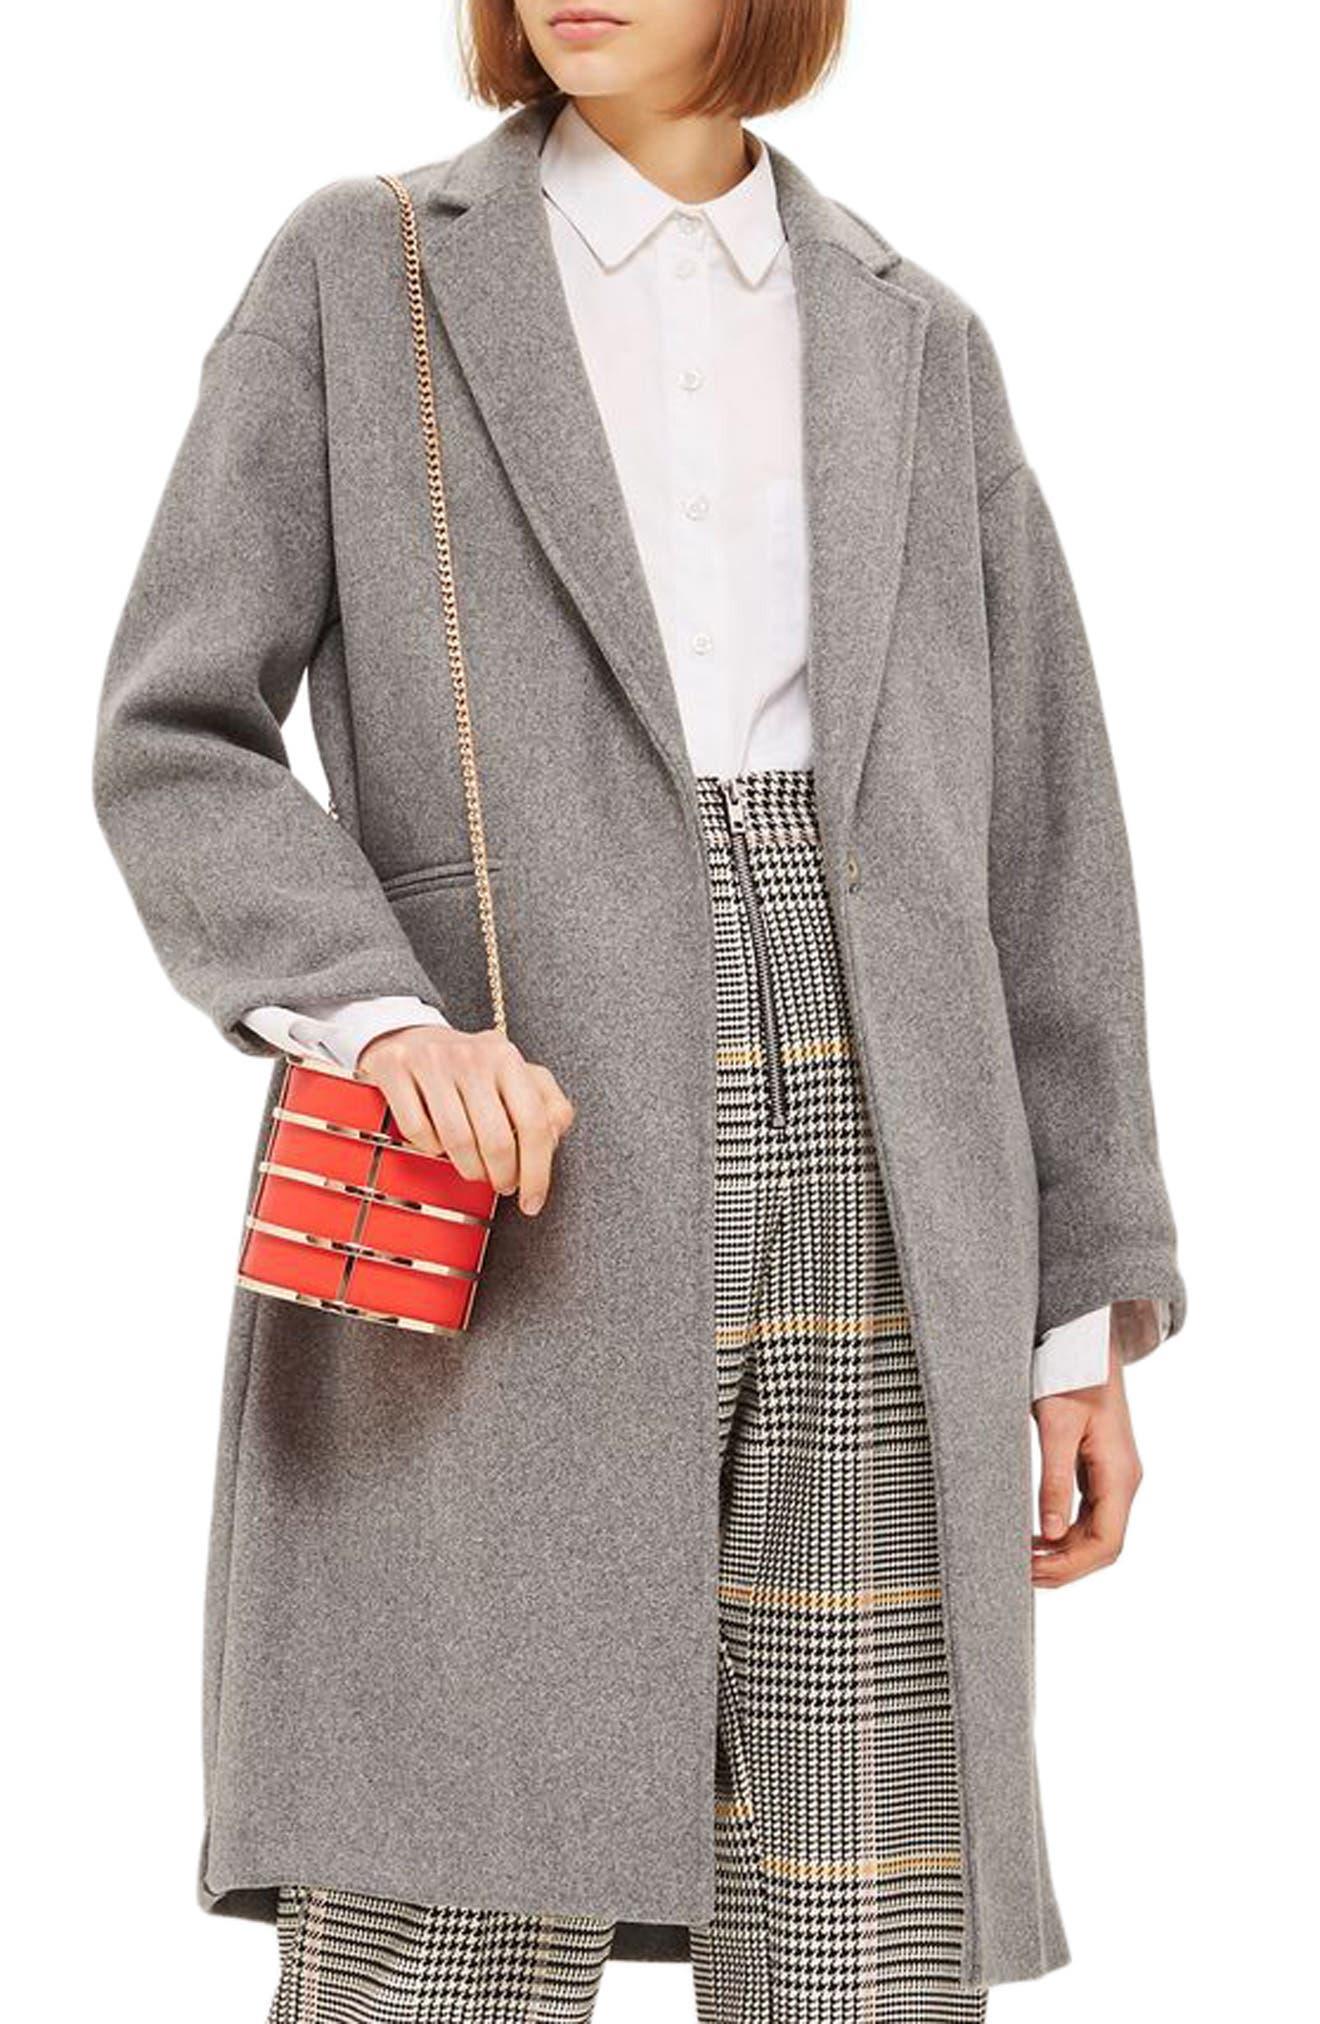 Bonded Knit Coat,                             Main thumbnail 1, color,                             Grey